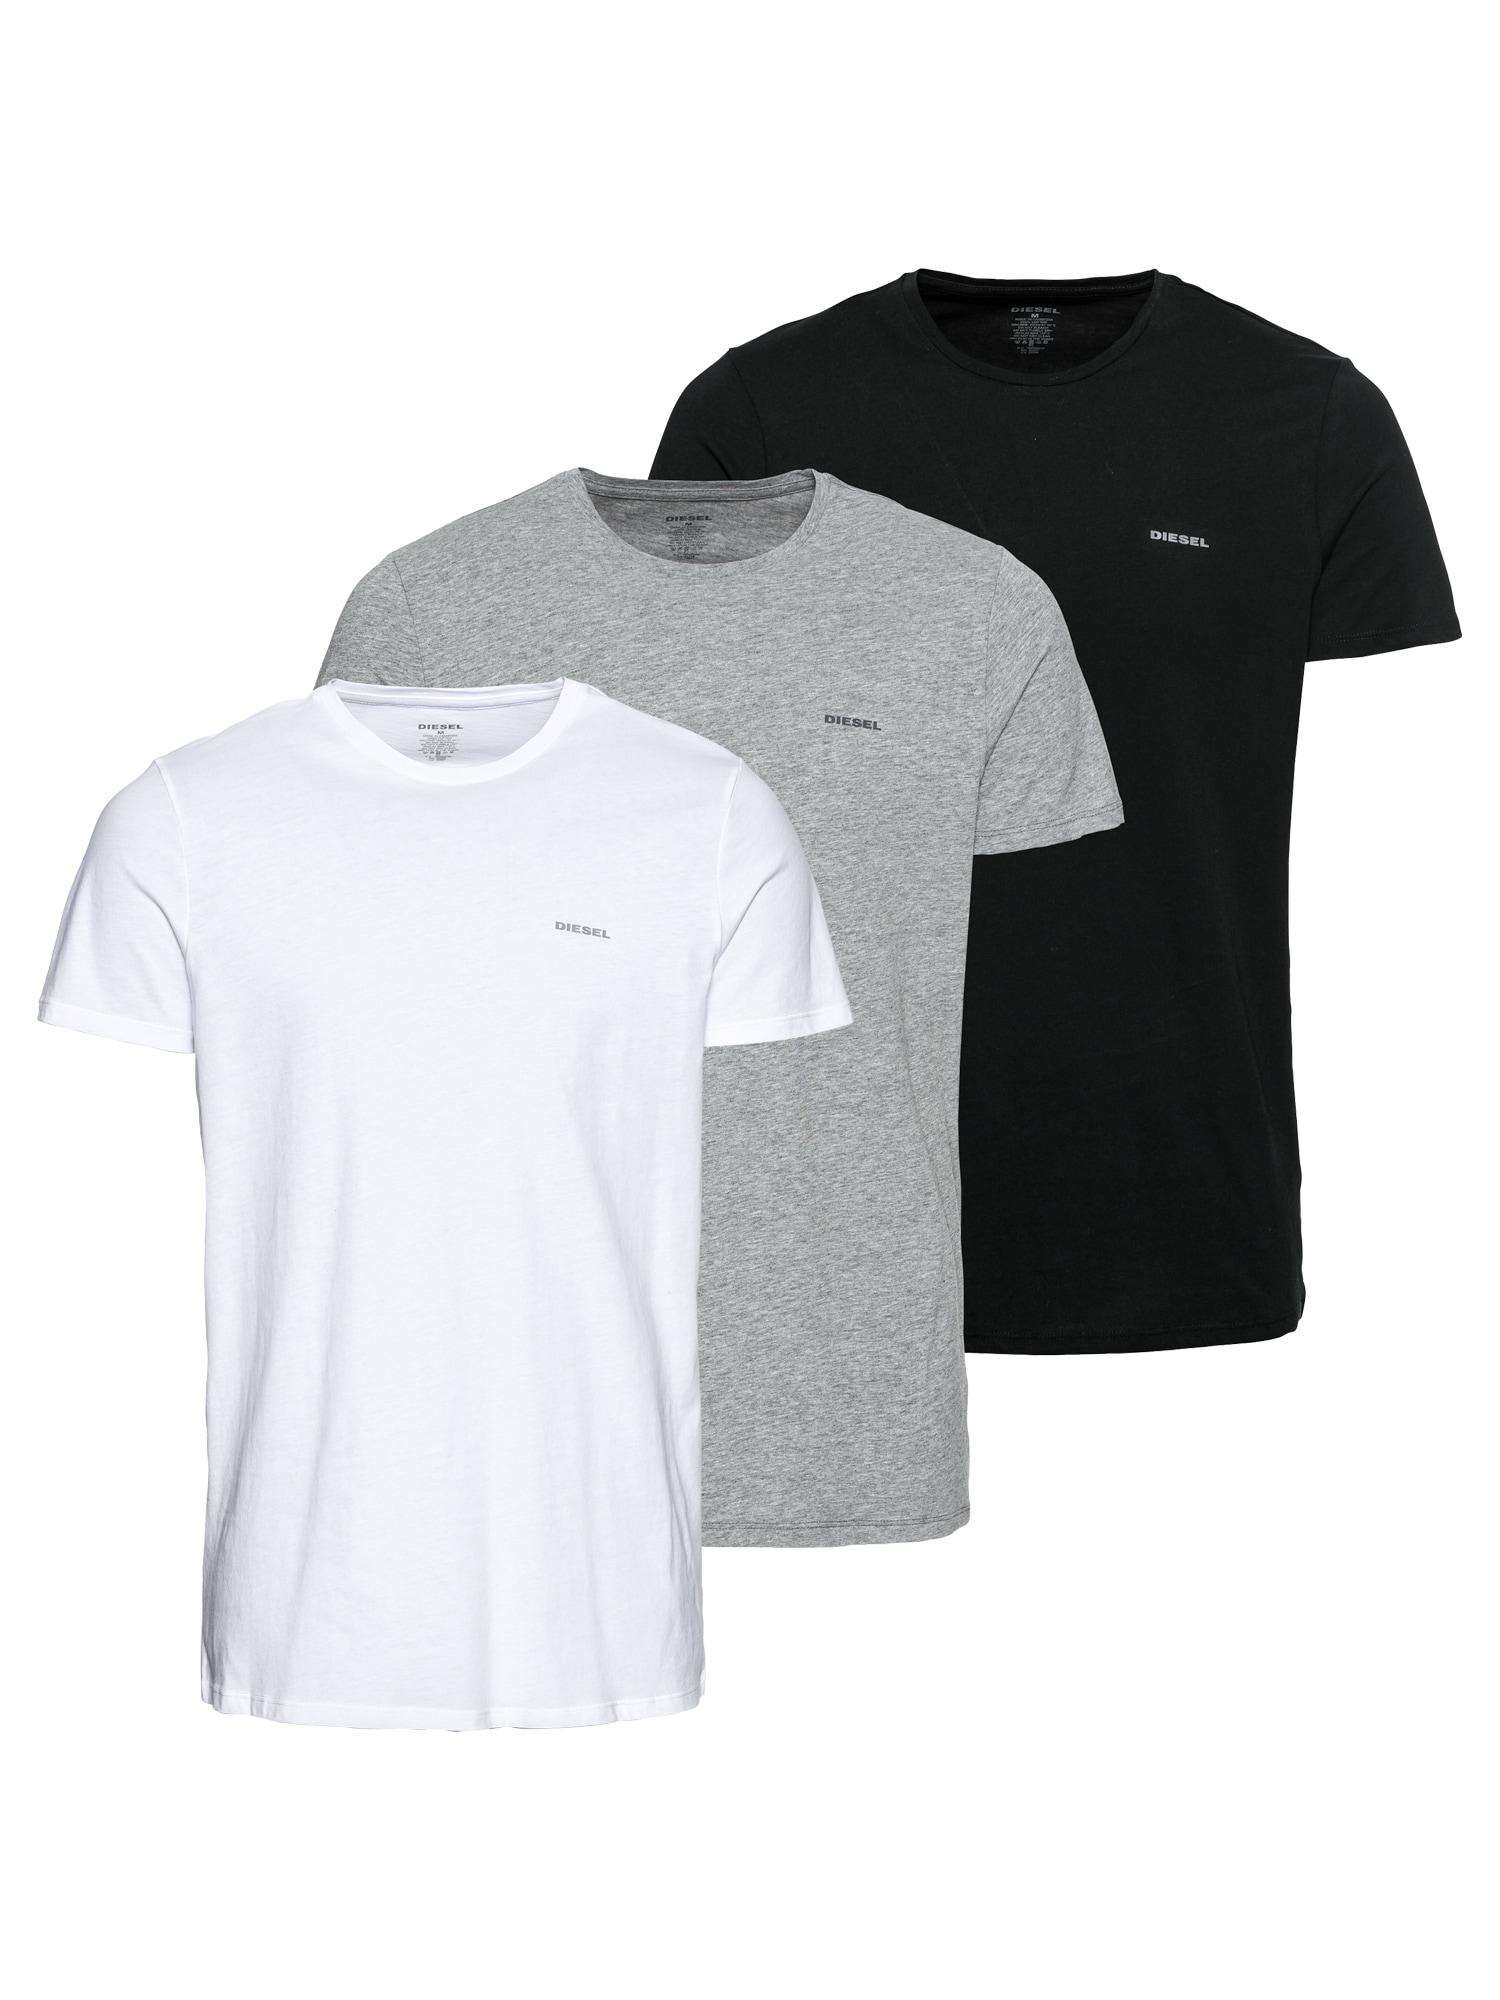 DIESEL Marškinėliai balta / margai pilka / juoda